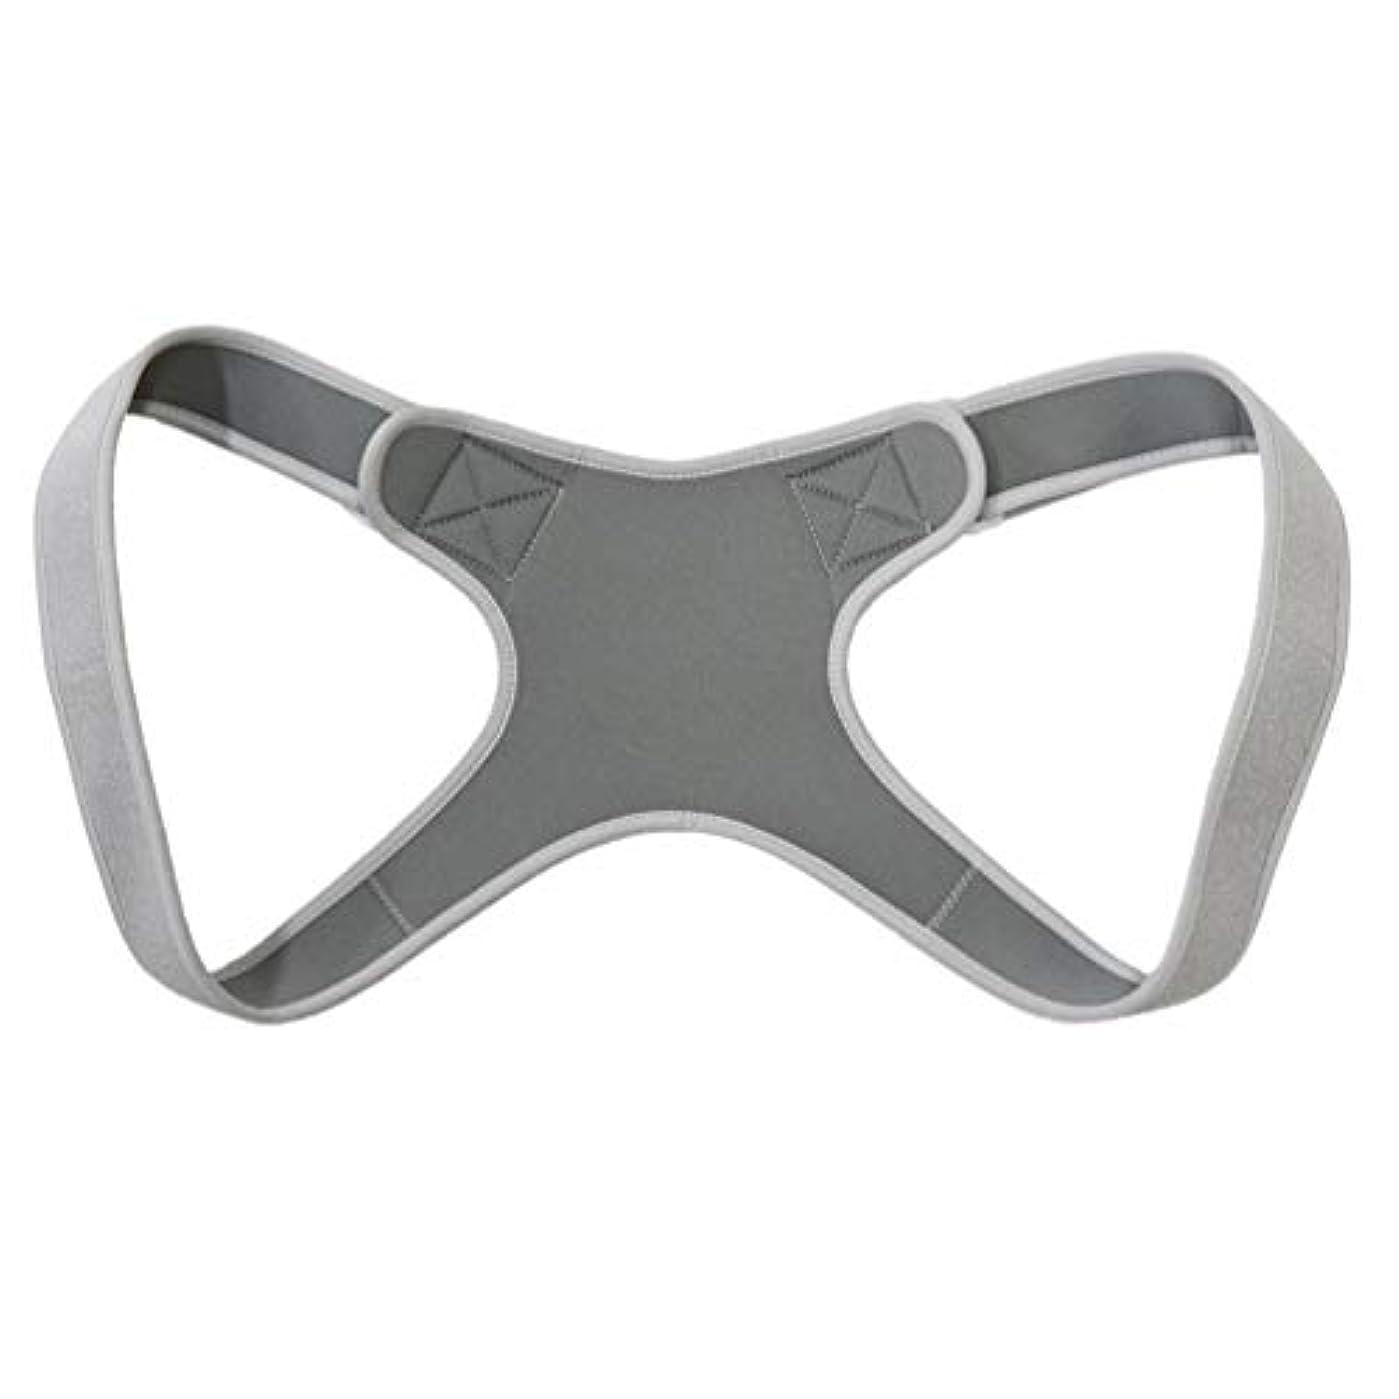 ワットカードレジデンス新しいアッパーバックポスチャーコレクター姿勢鎖骨サポートコレクターバックストレートショルダーブレースストラップコレクター - グレー